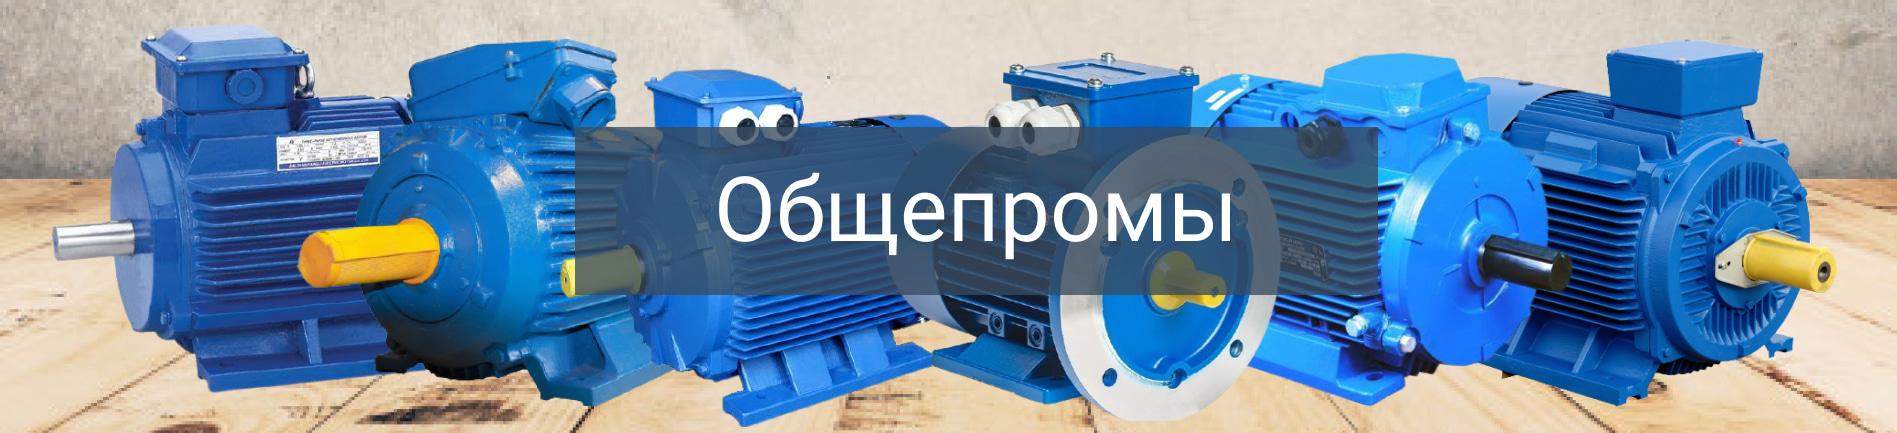 Общепромышленные электродвигатели 18,5 квт